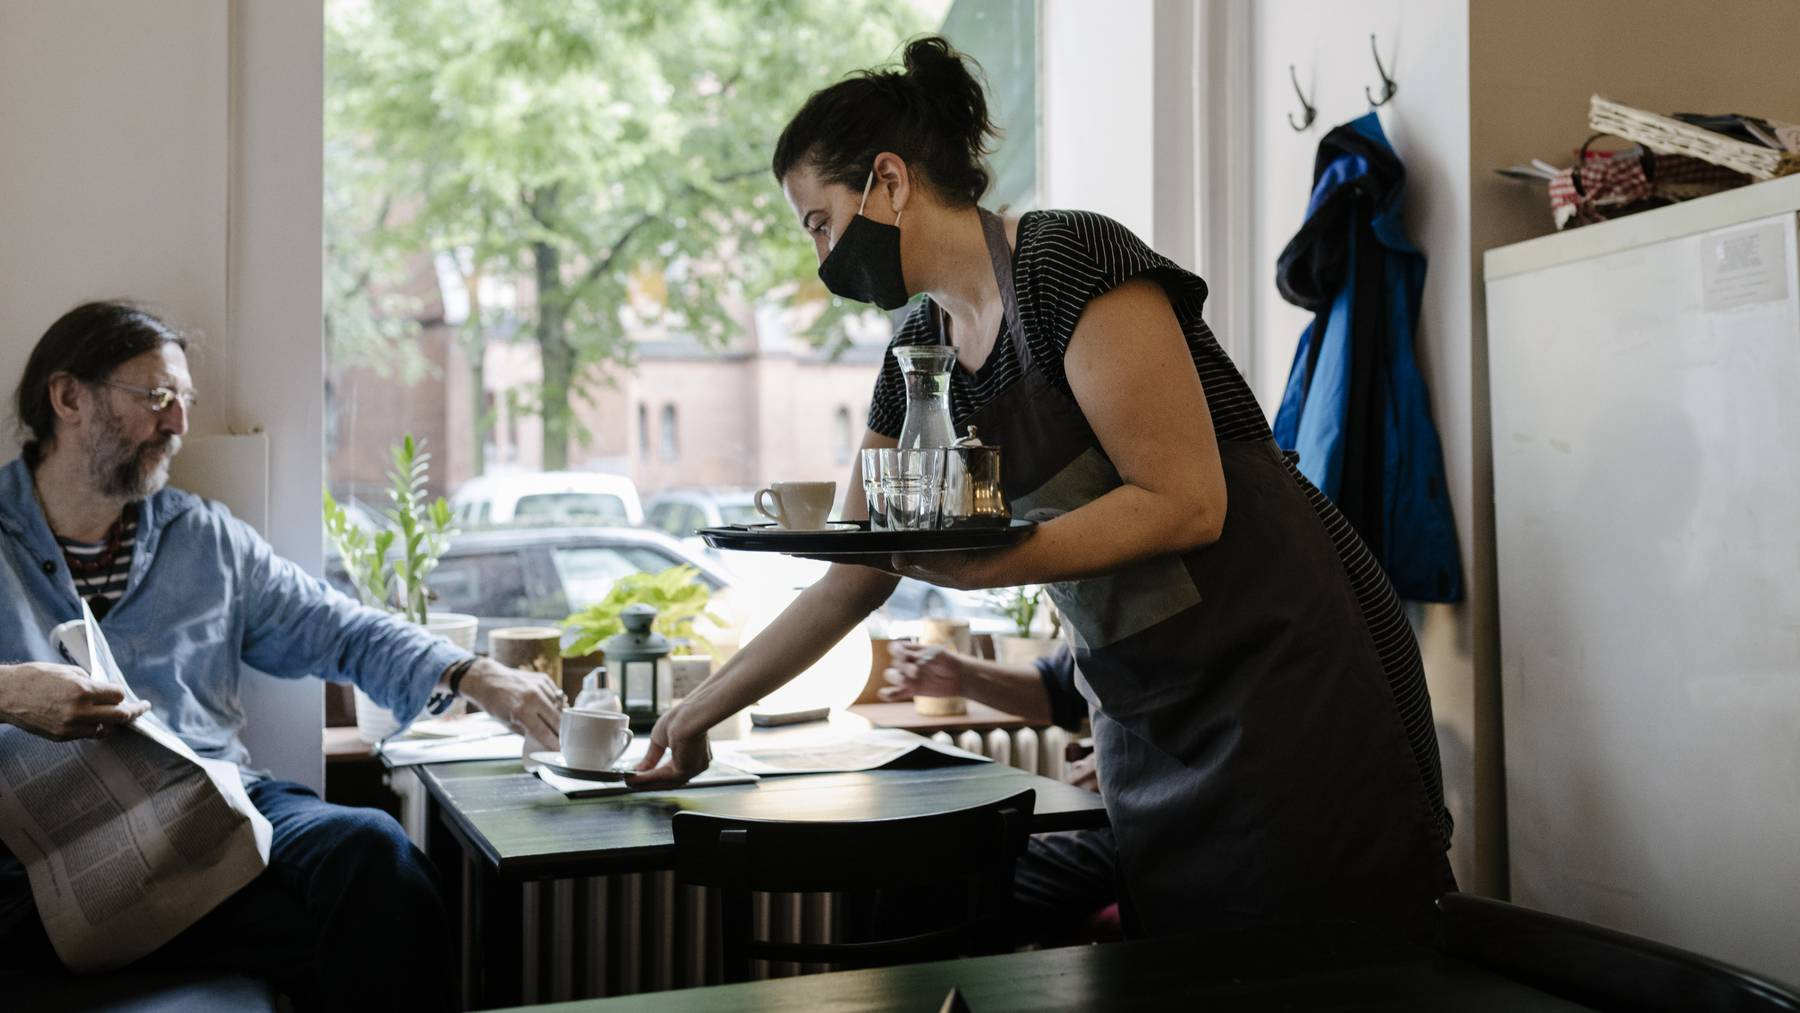 Gastronominnen dürfen ihre Gäste wohl schon bald auch drinnen bedienen.